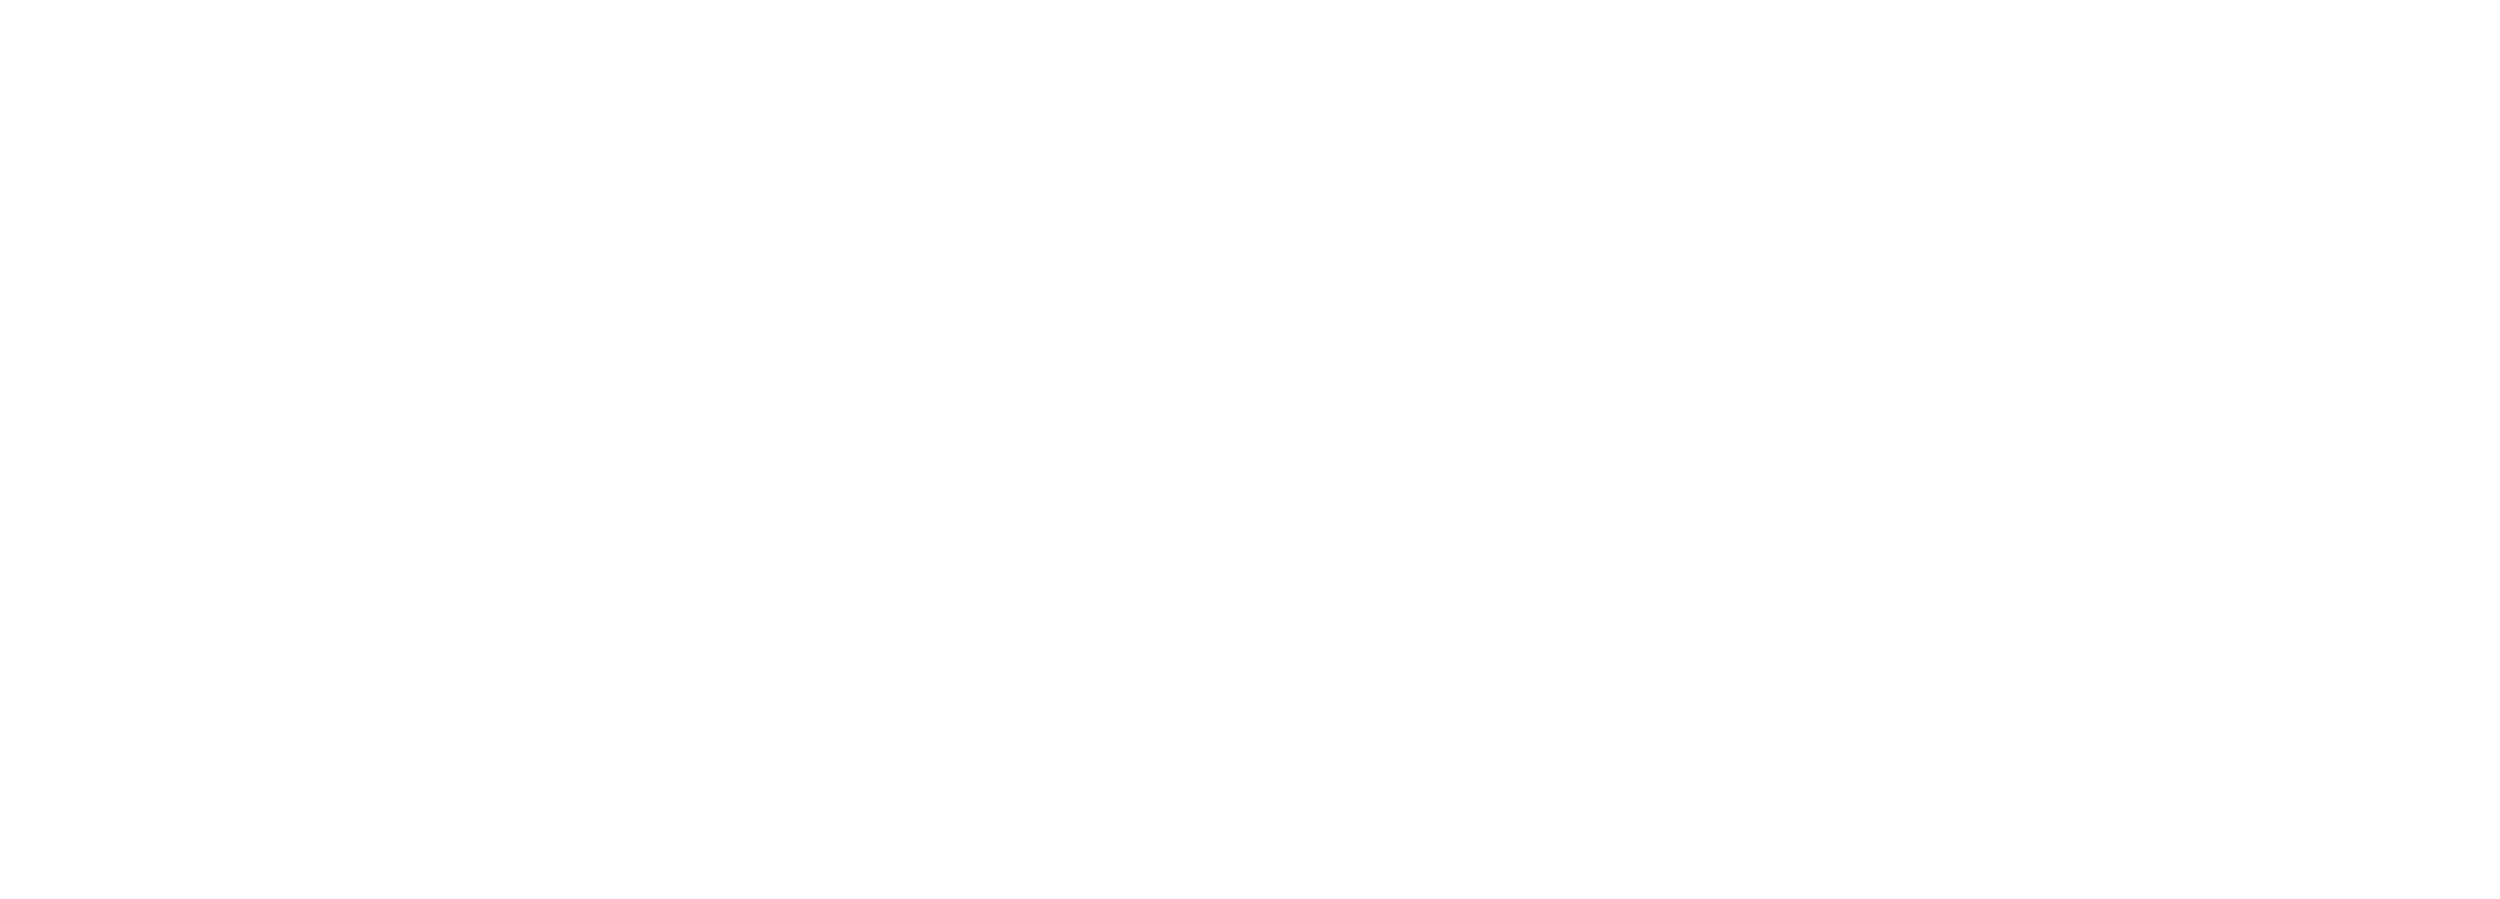 Unibersidad ng Pilipinas.png